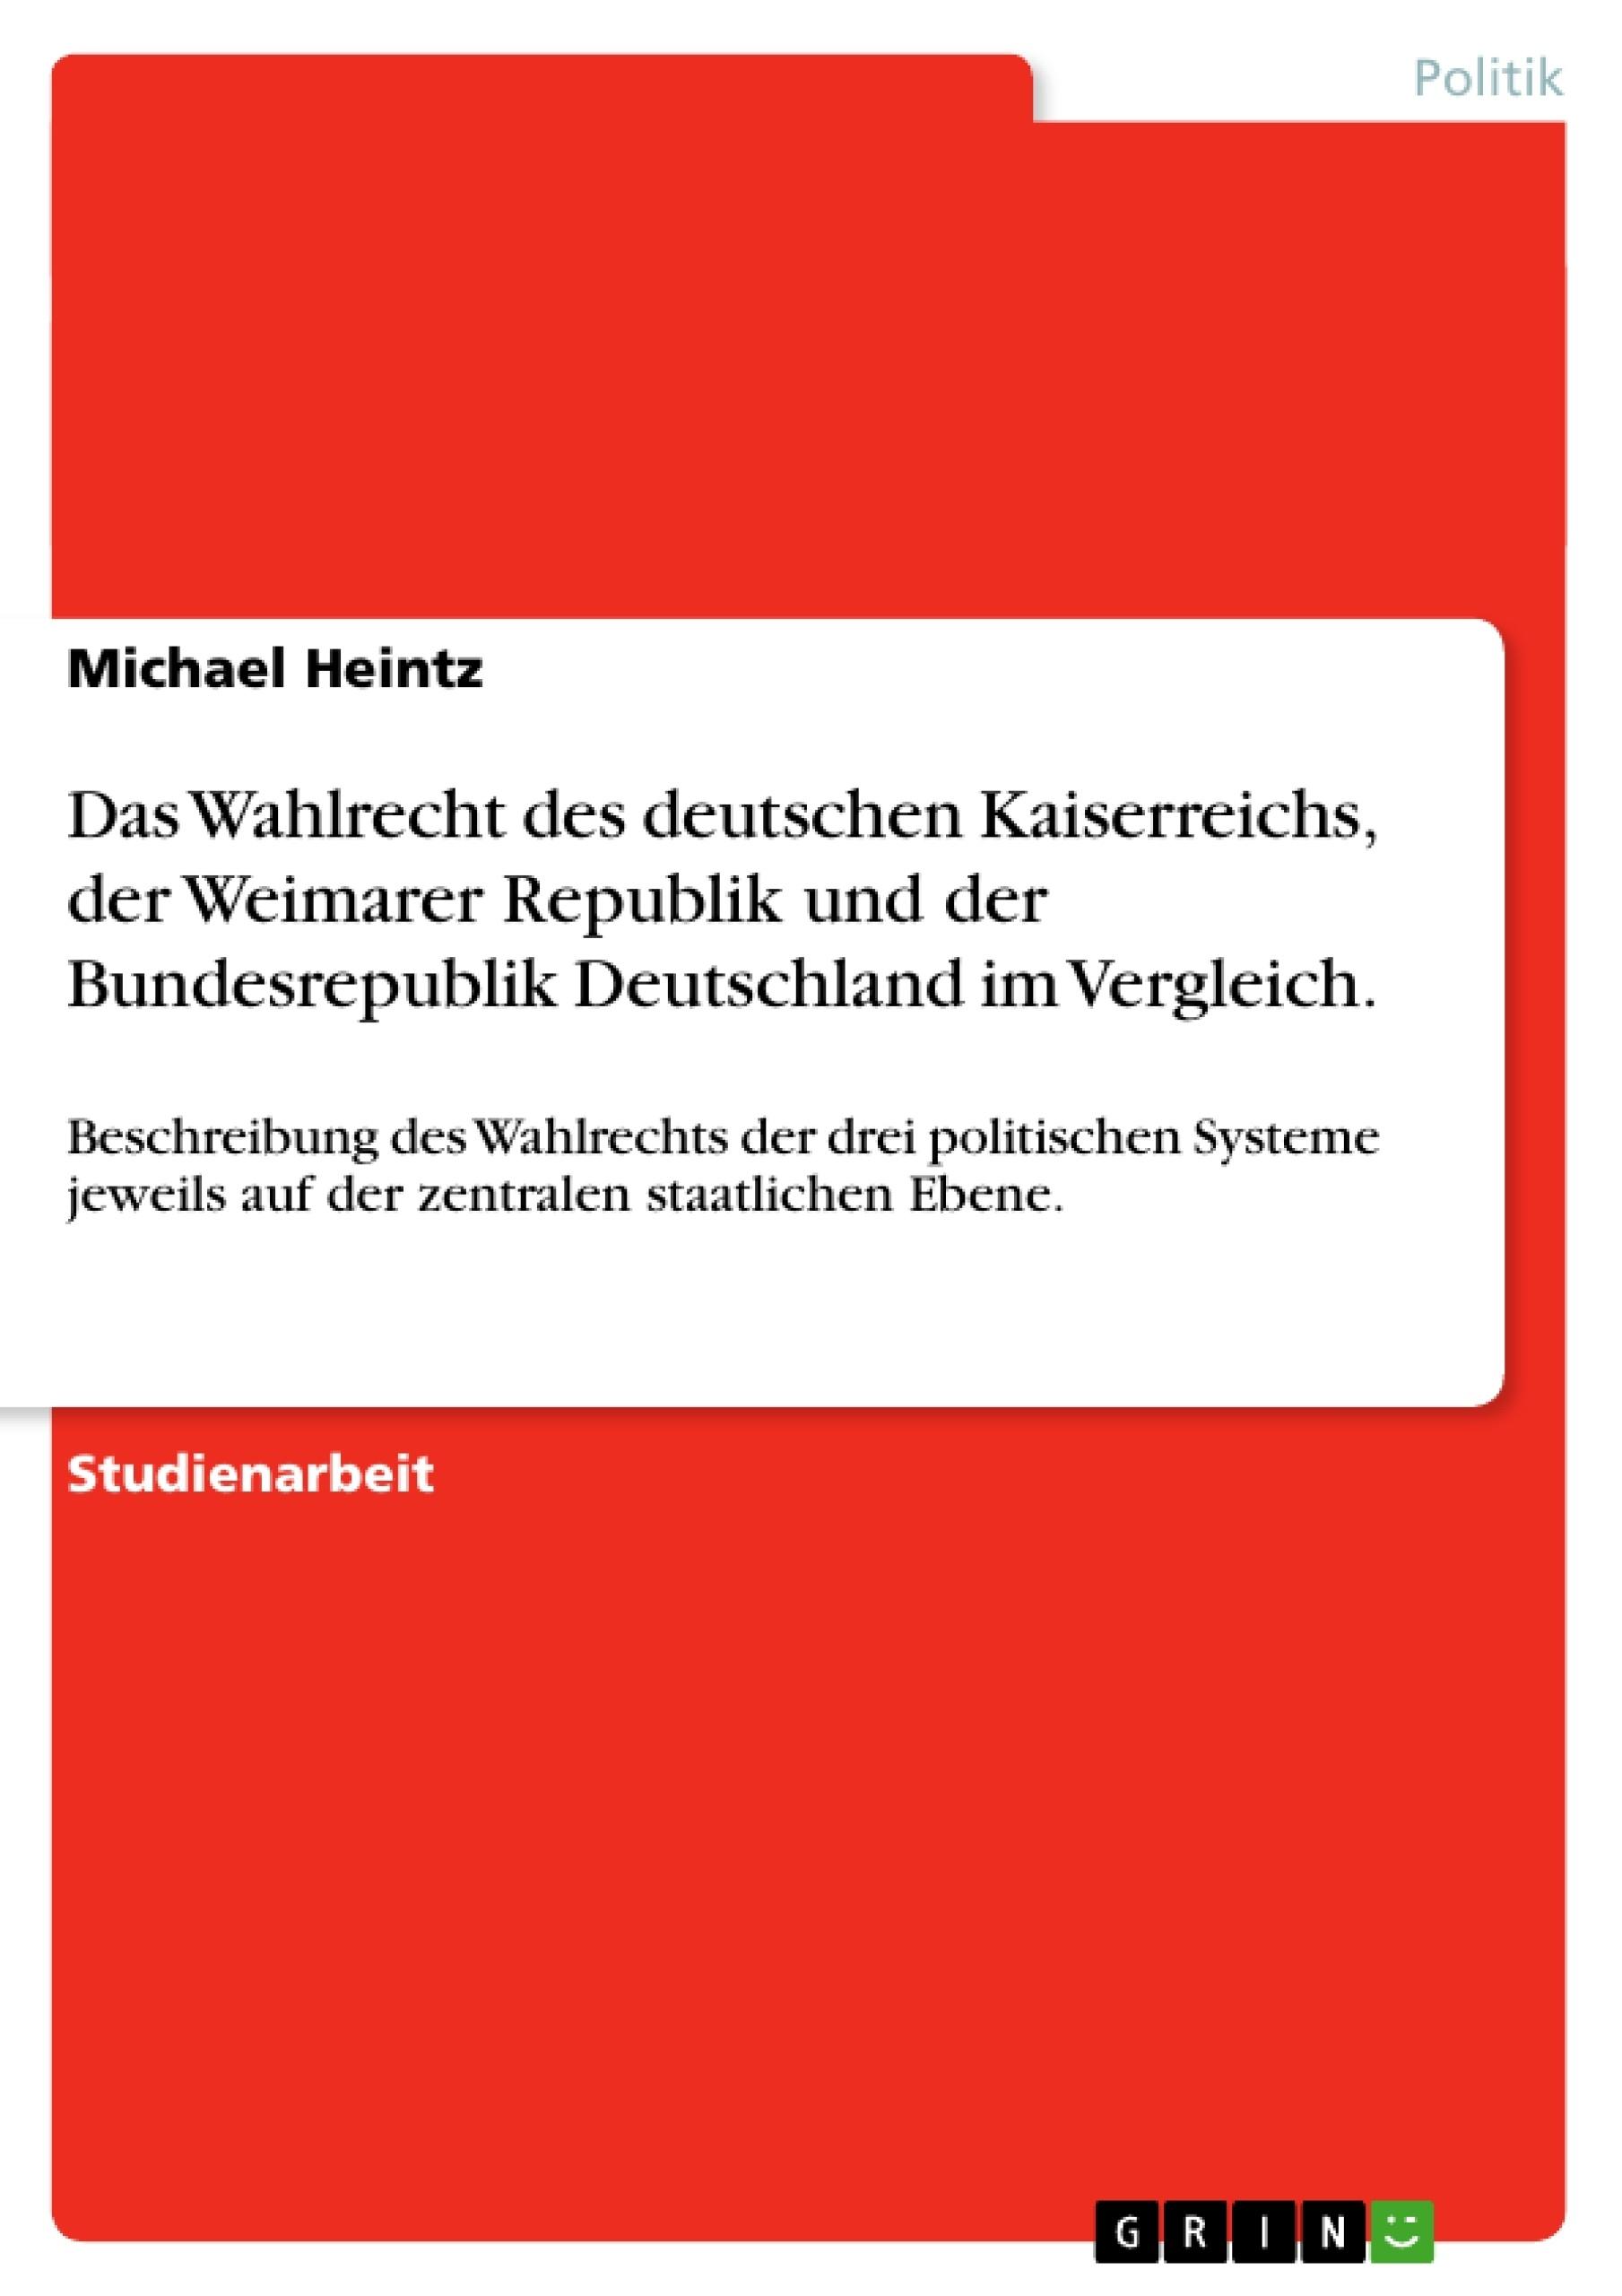 Titel: Das Wahlrecht des deutschen Kaiserreichs, der Weimarer Republik und der Bundesrepublik Deutschland im Vergleich.